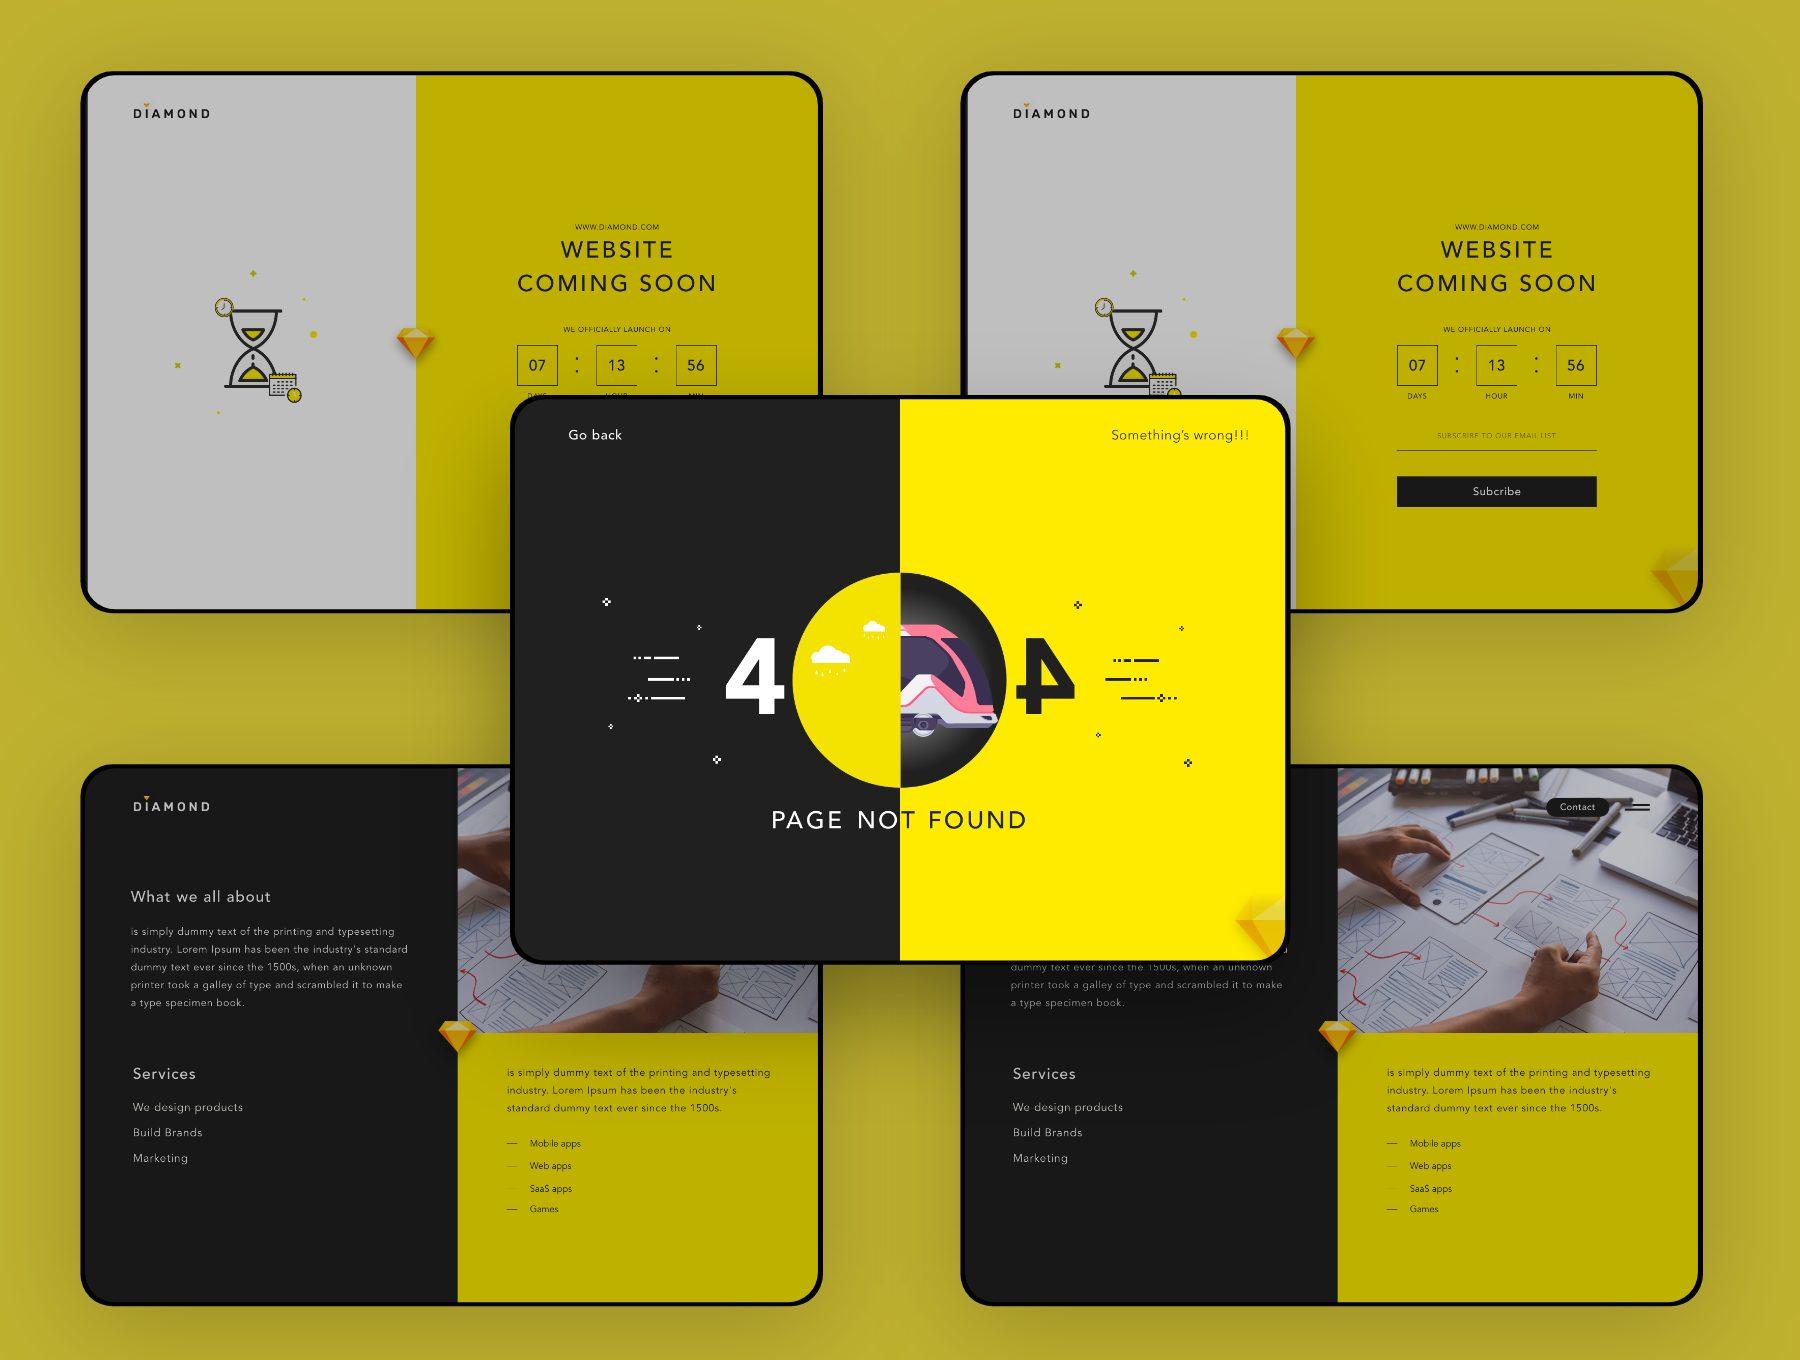 酷炫时尚的企业官网网站界面ui设计ui下载[Sketch,XD] Diamond ui web template